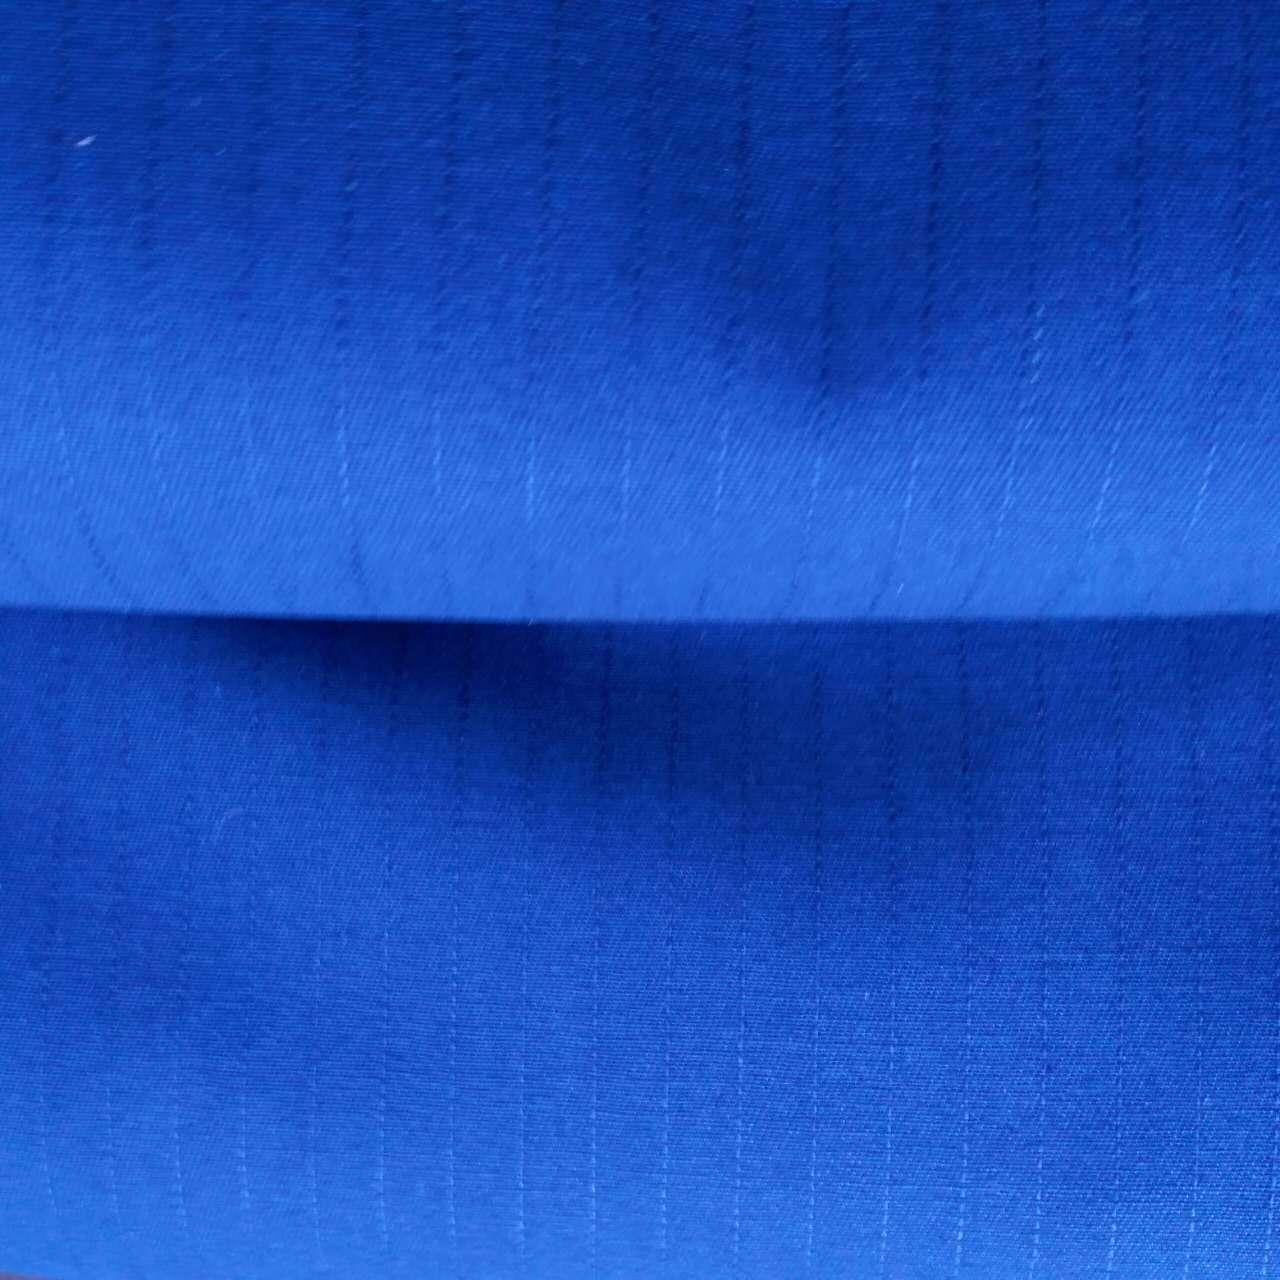 新乡振龙/厂家供应结实耐磨涤纶纱卡190克高品质工装面料